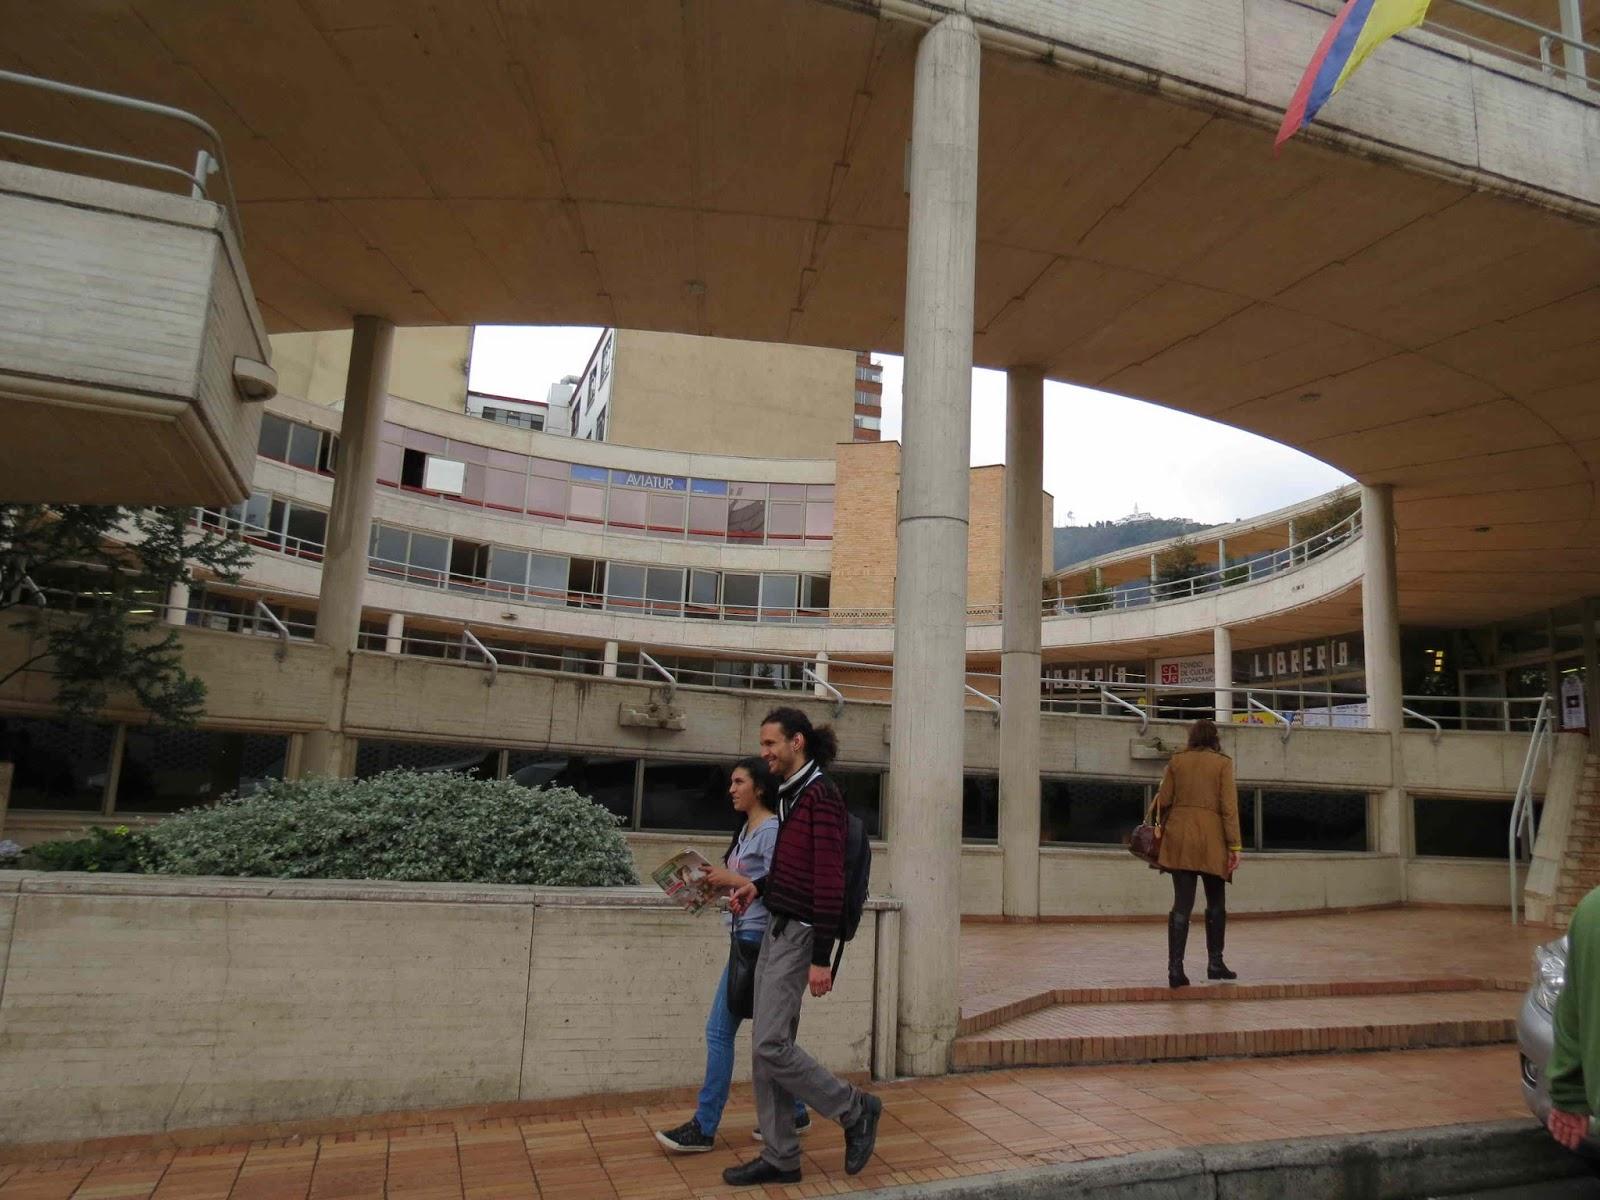 Centro-Cultural-Gabriel-García-Márquez-7.jpg